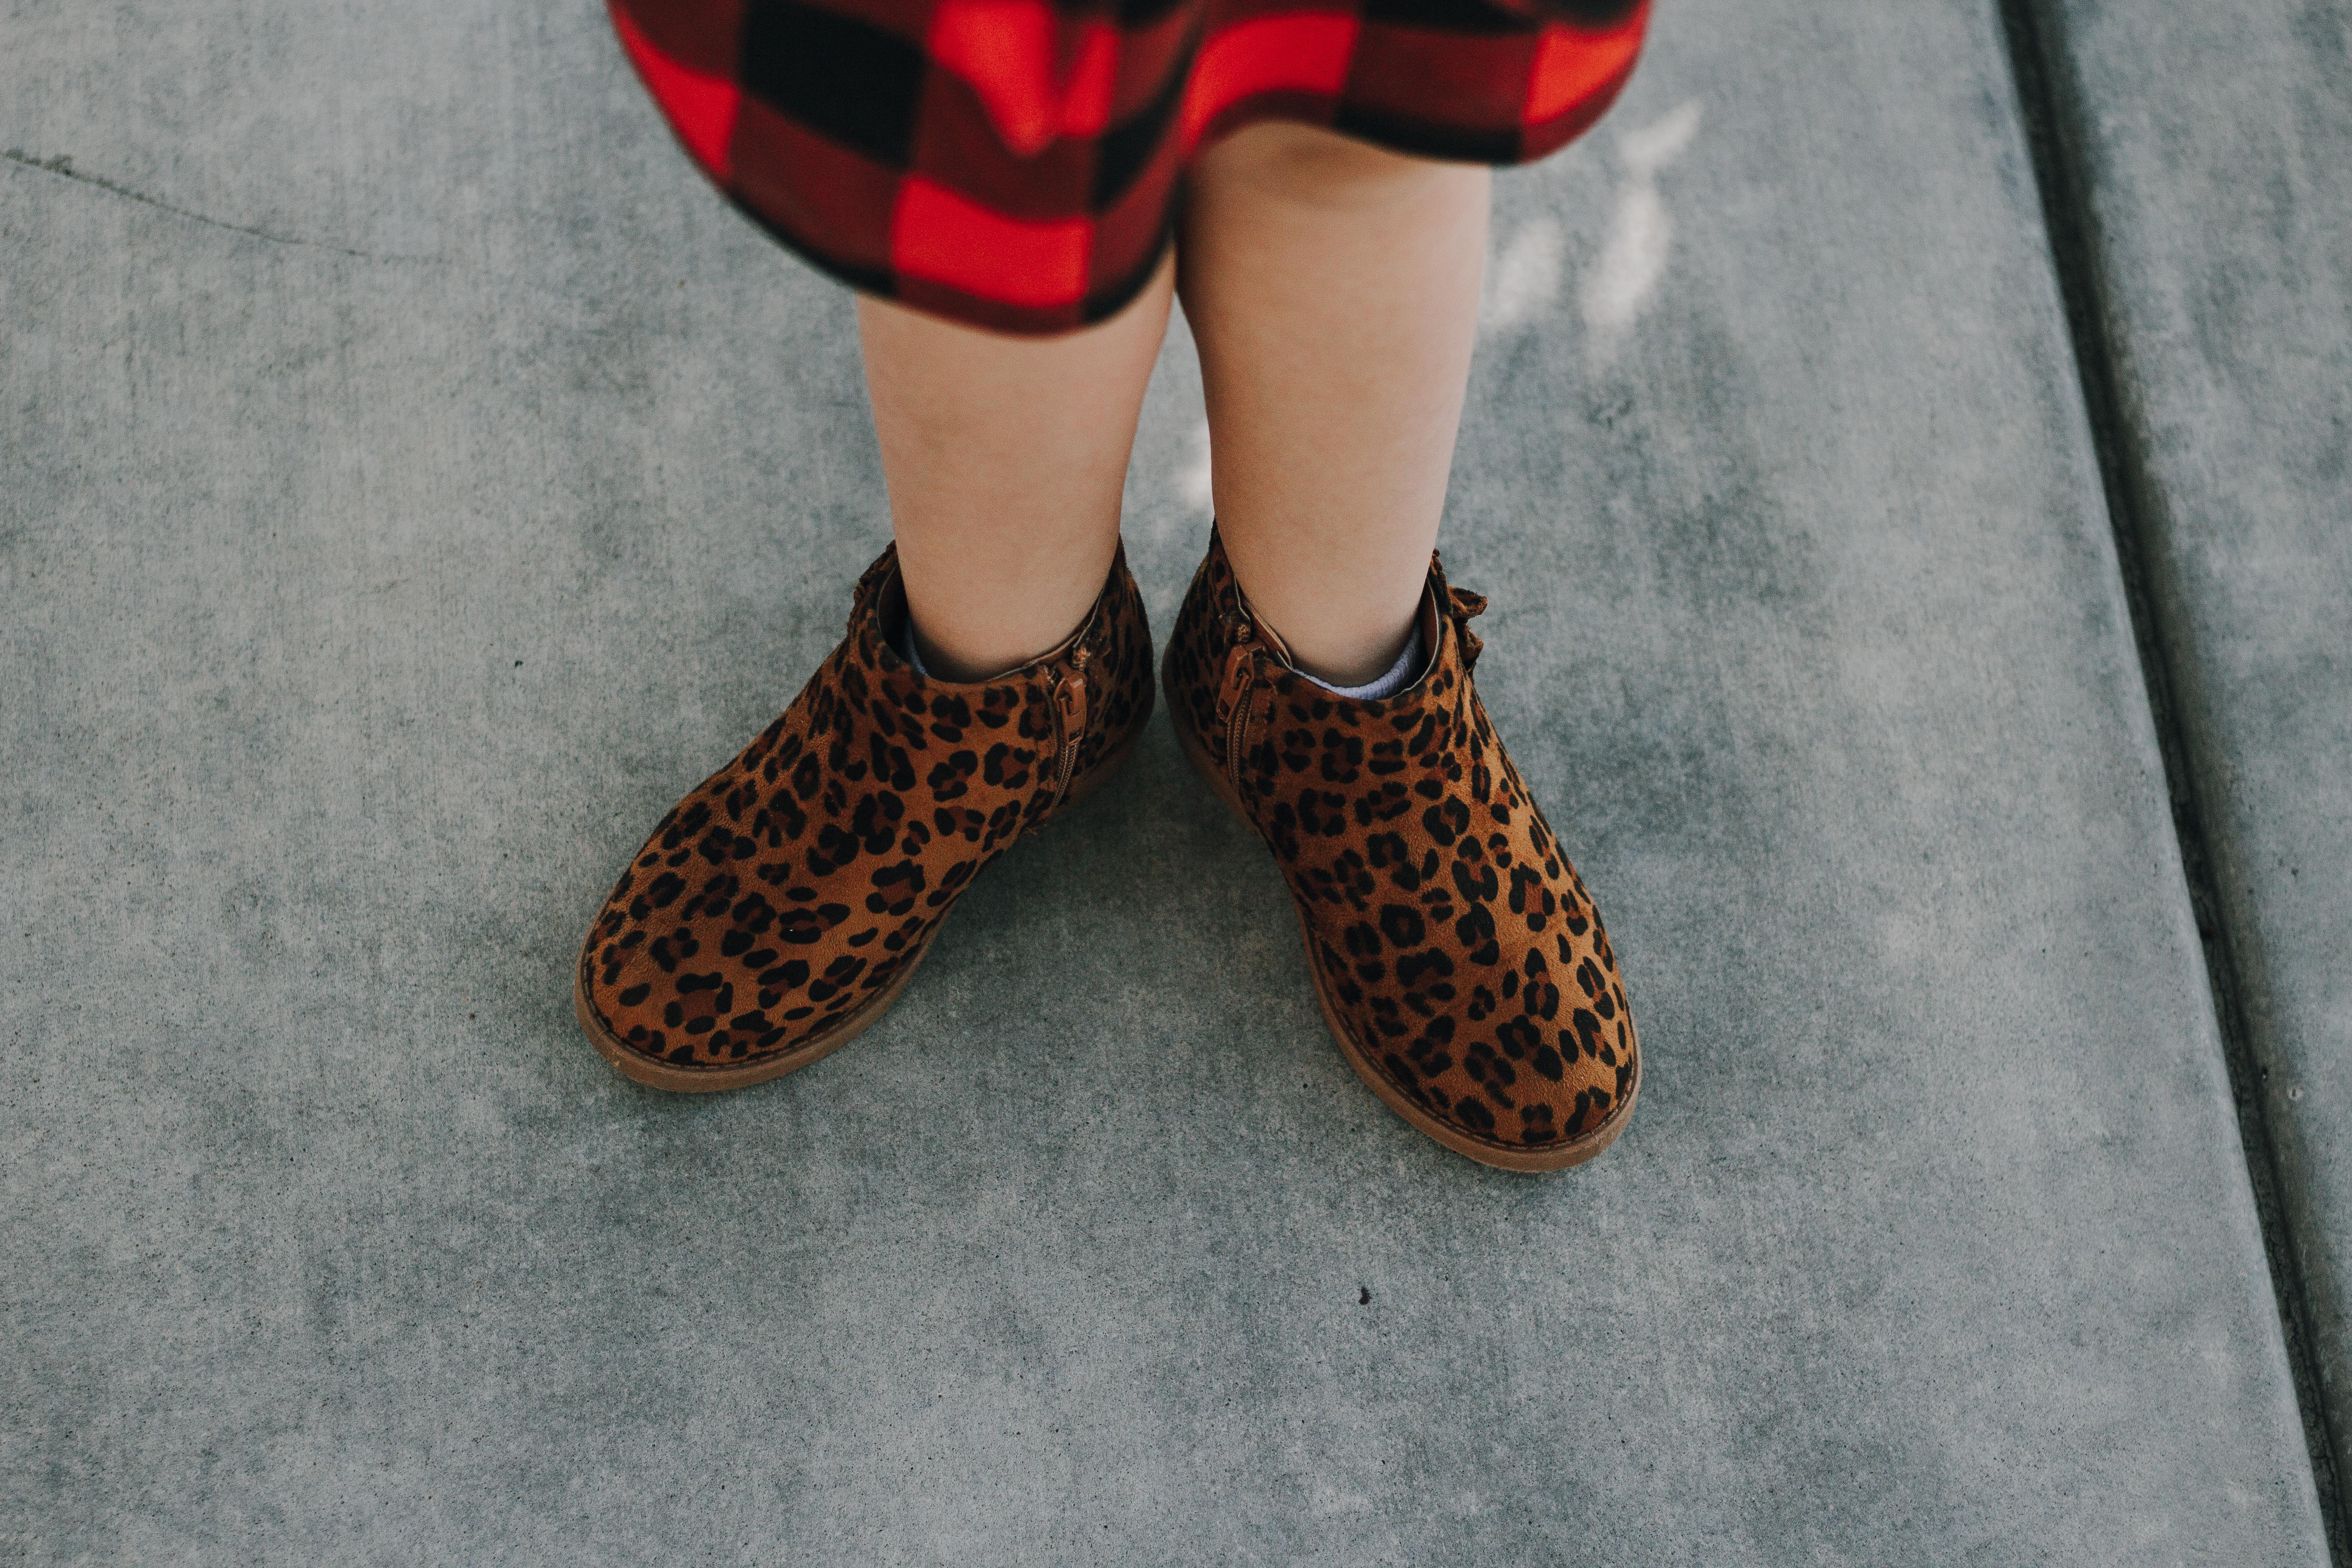 animal print booties